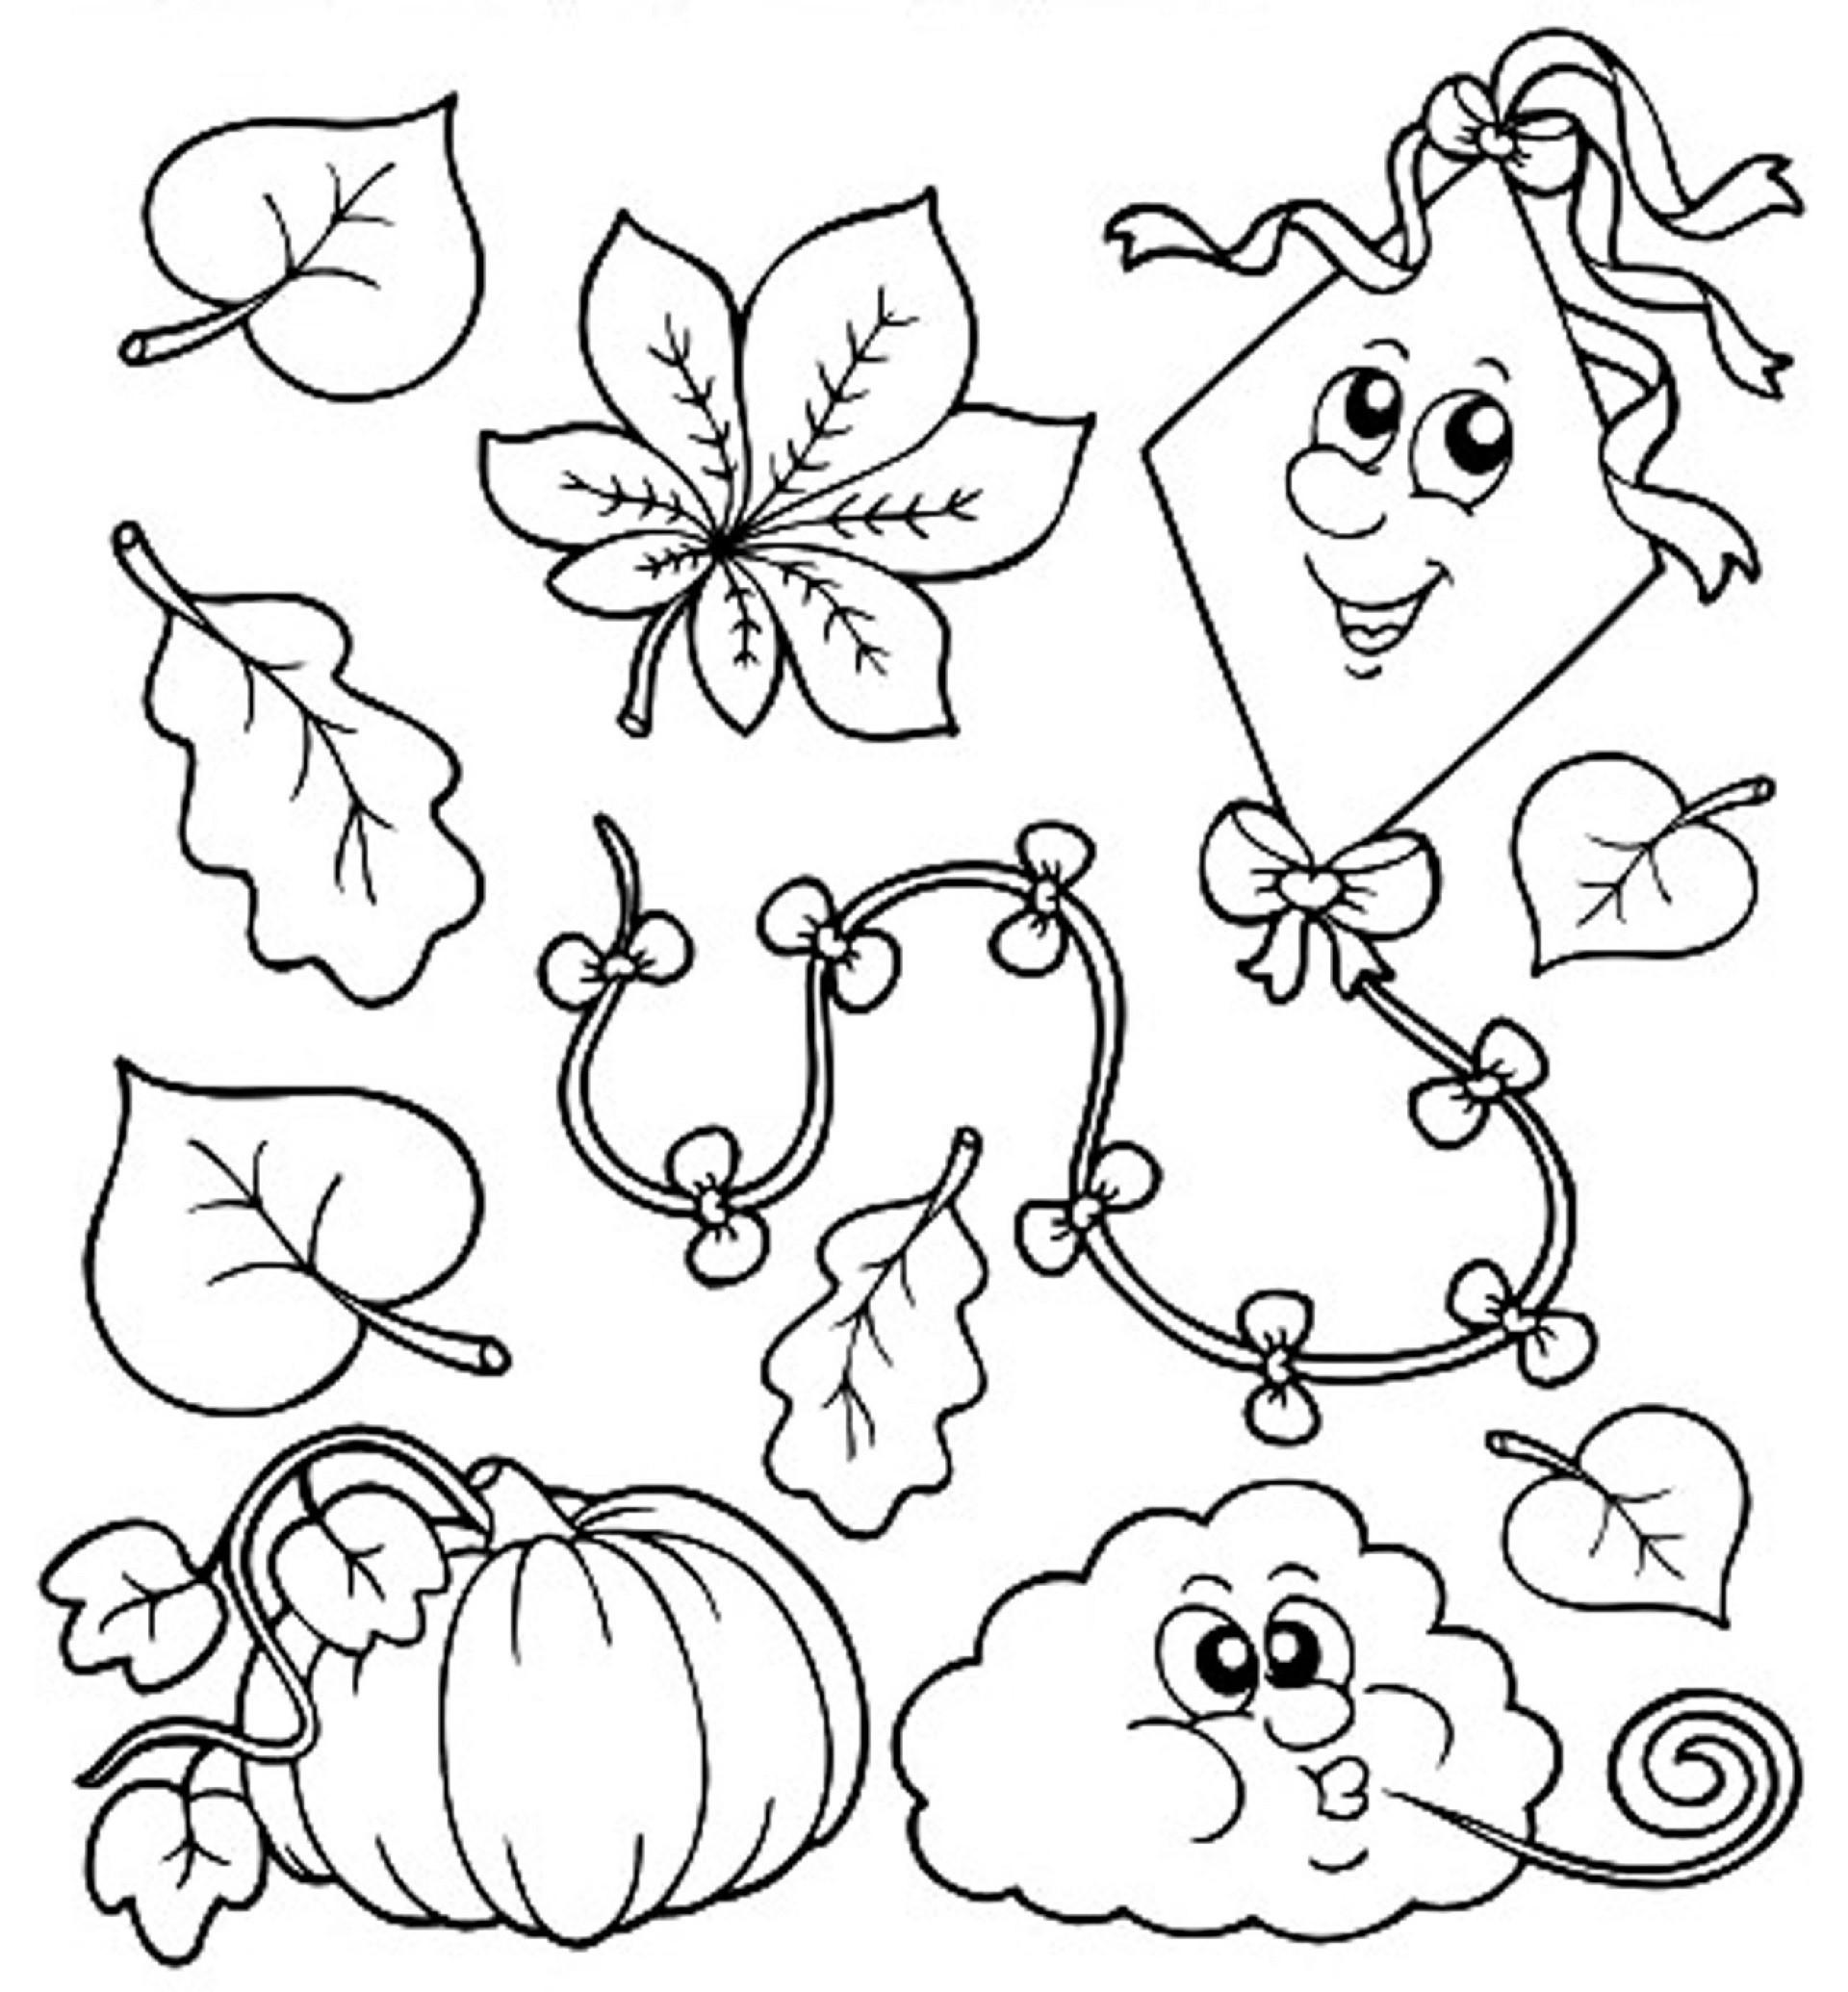 Kids Fall Coloring Pages  Fall Coloring Pages for Kindergarten